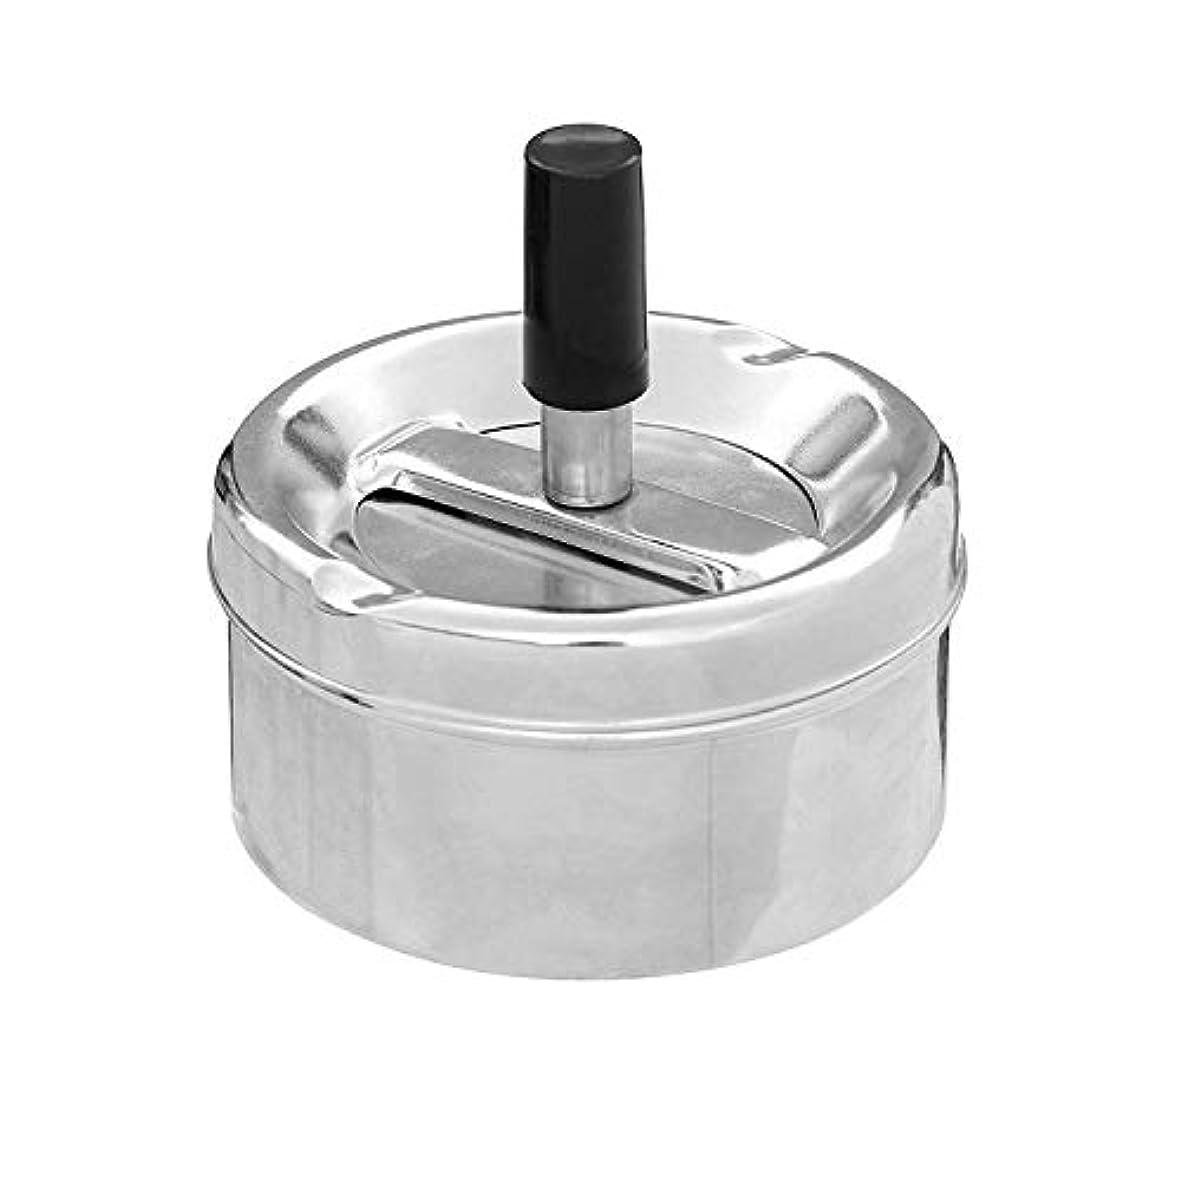 ロードハウスケント強い防風の創造的な人格の灰色のヨーロッパ式を覆うステンレス鋼の回転灰皿